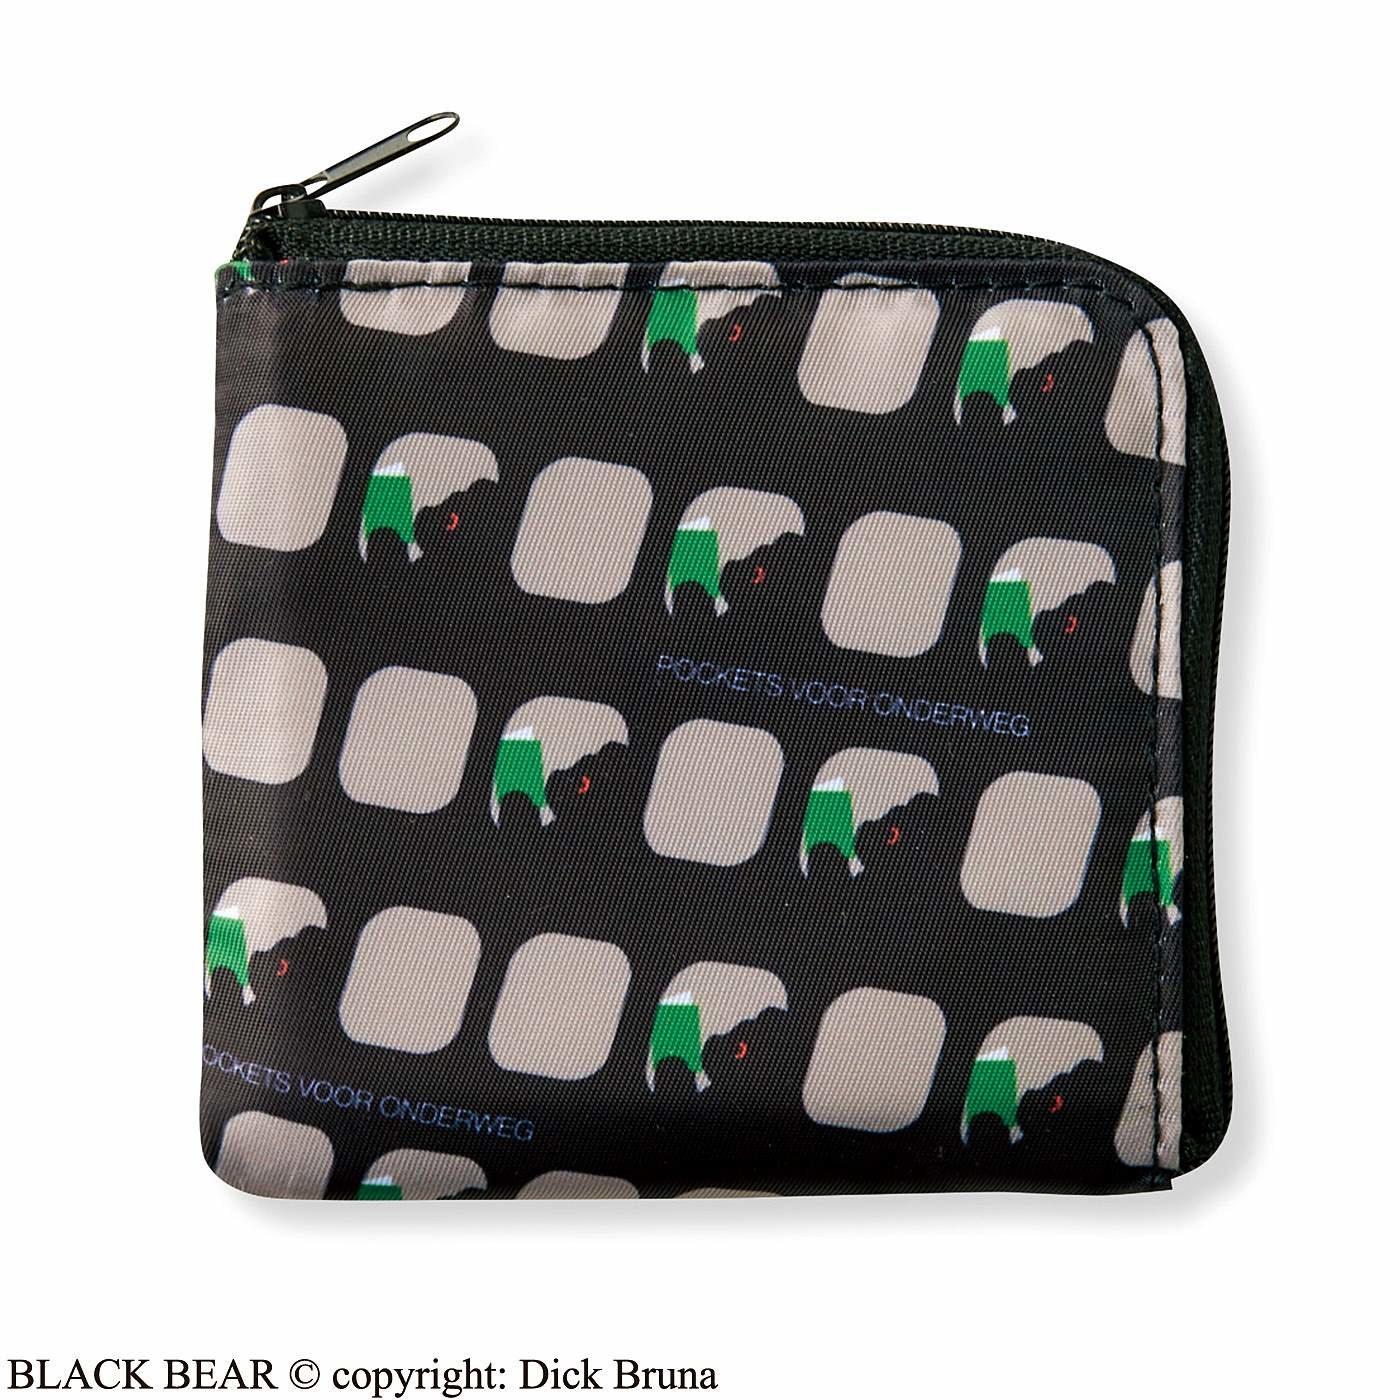 ブラック・ベア L字型ファスナーが便利なコンパクト財布の会